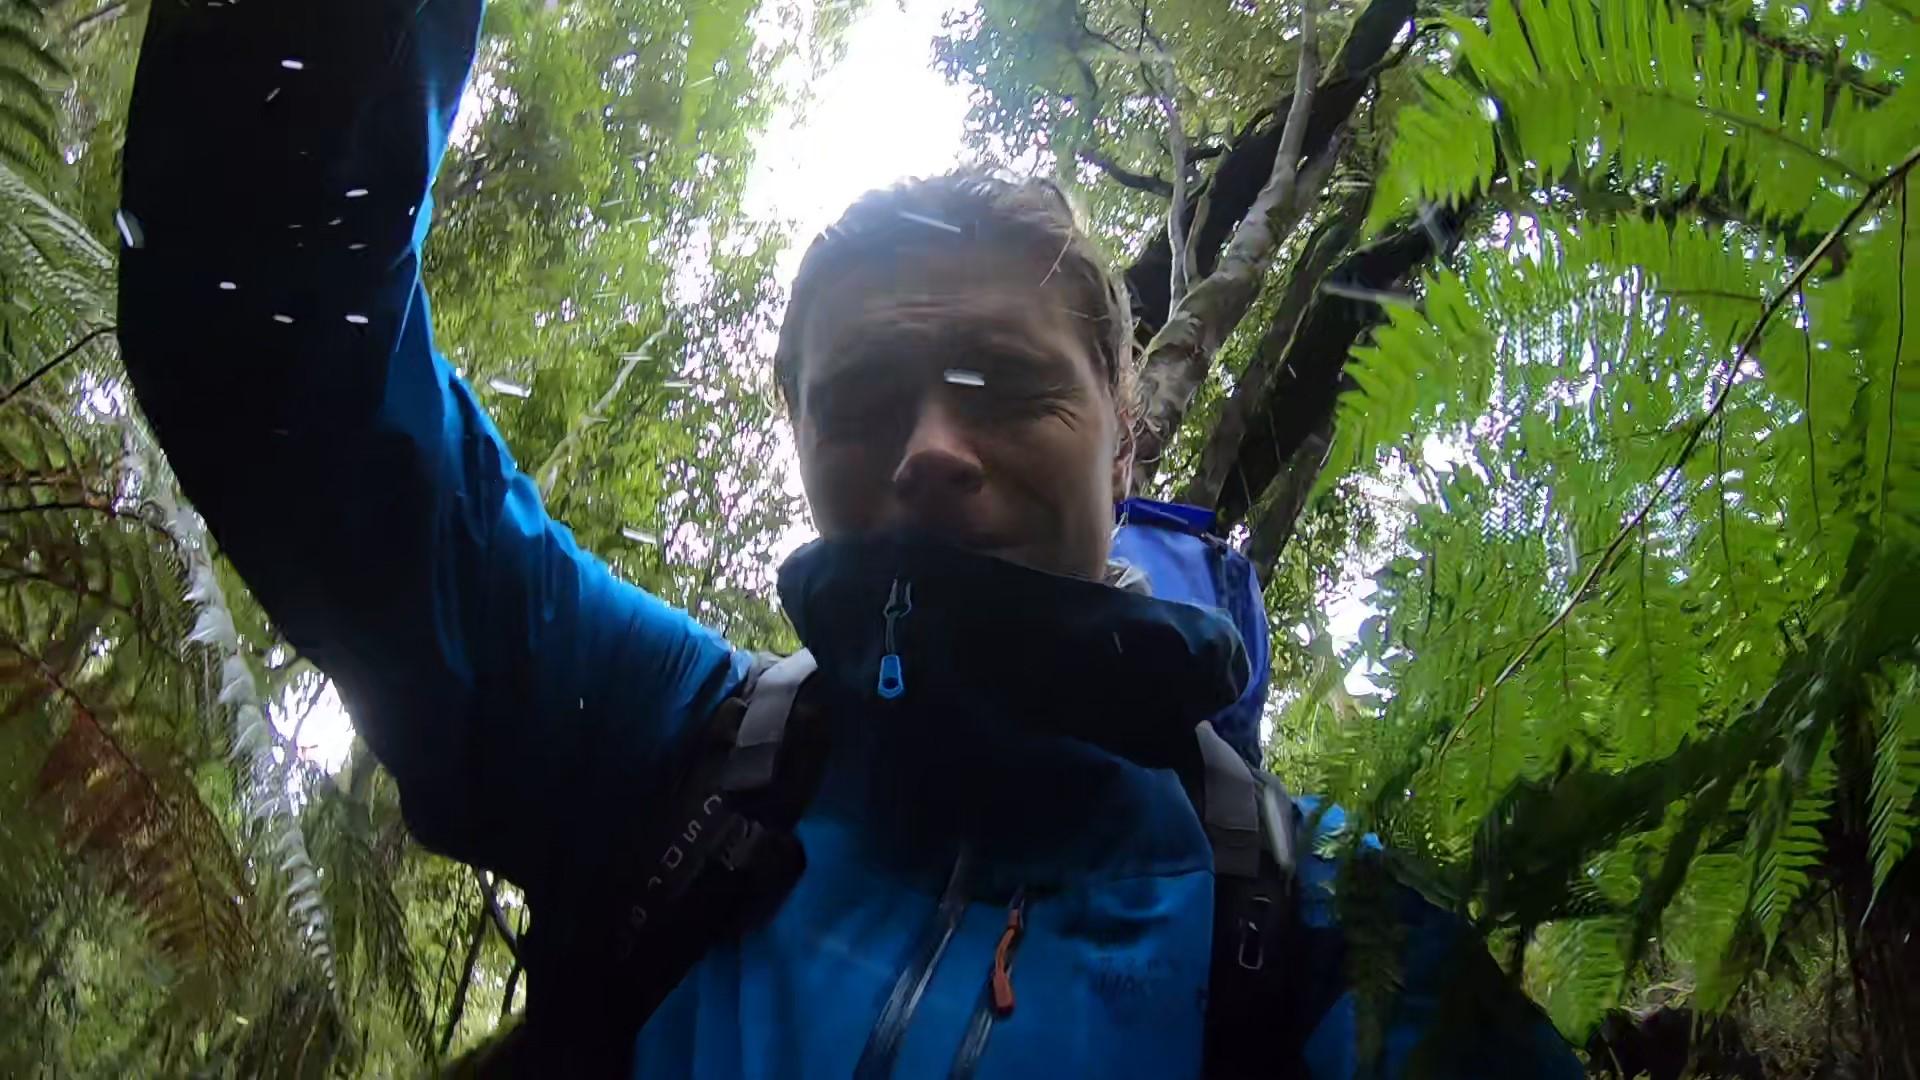 La forêt néo-zélandaise était sauvage et intimidante, elle m'a appris à surmonter mes peurs pour pouvoir avancer.